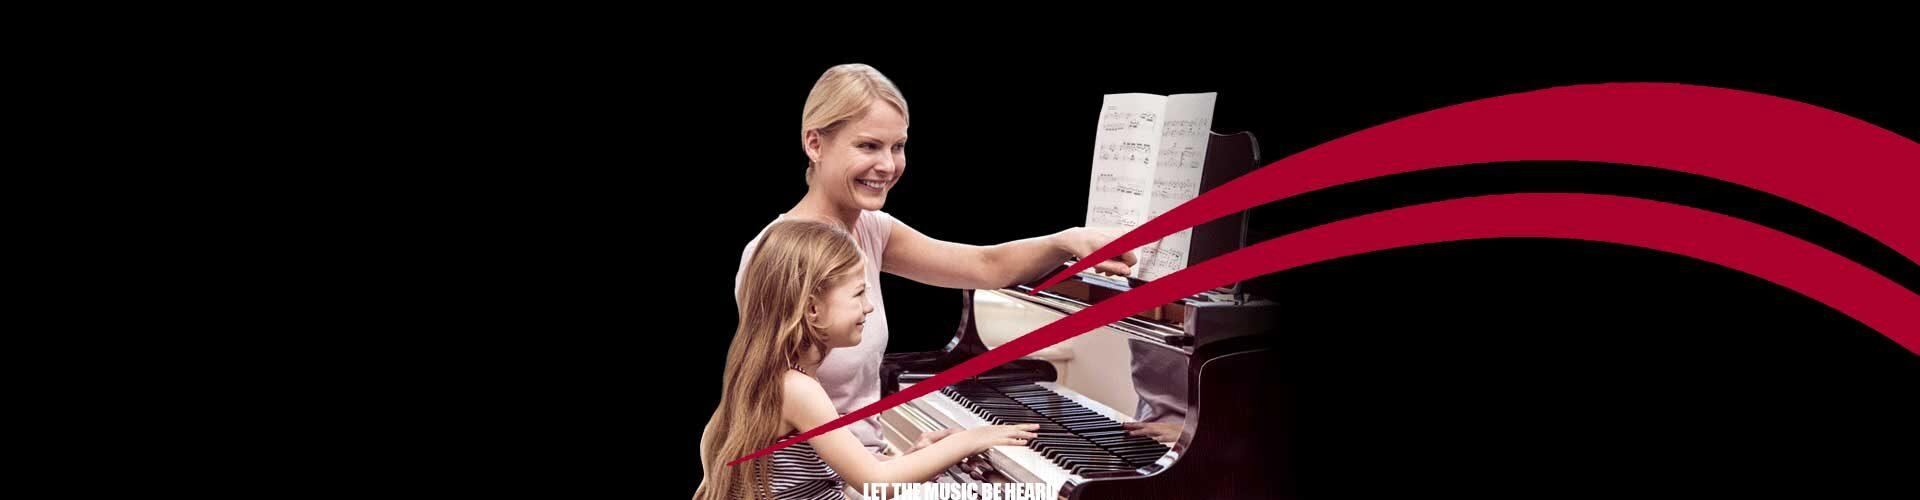 Piano teacher in Abu Dhabi